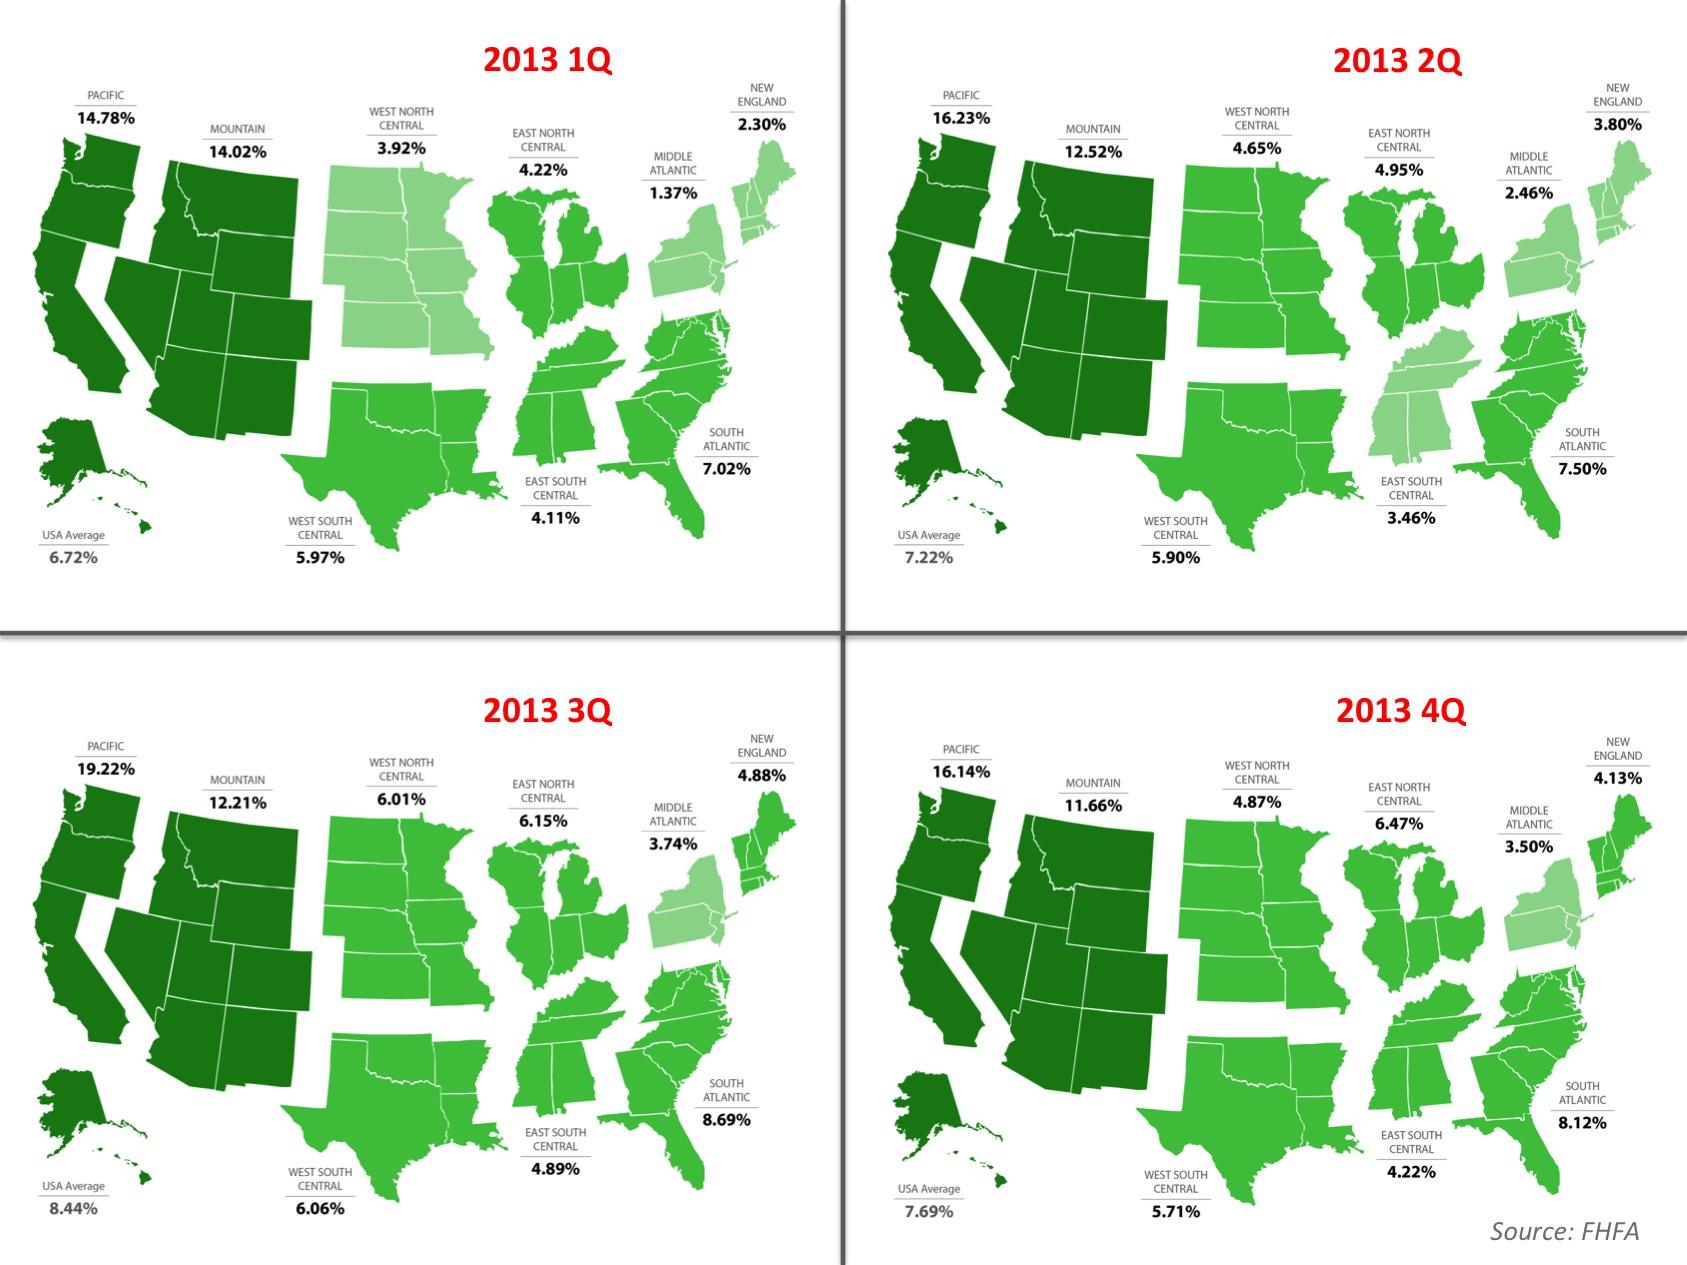 FHFA 2013 Comparison